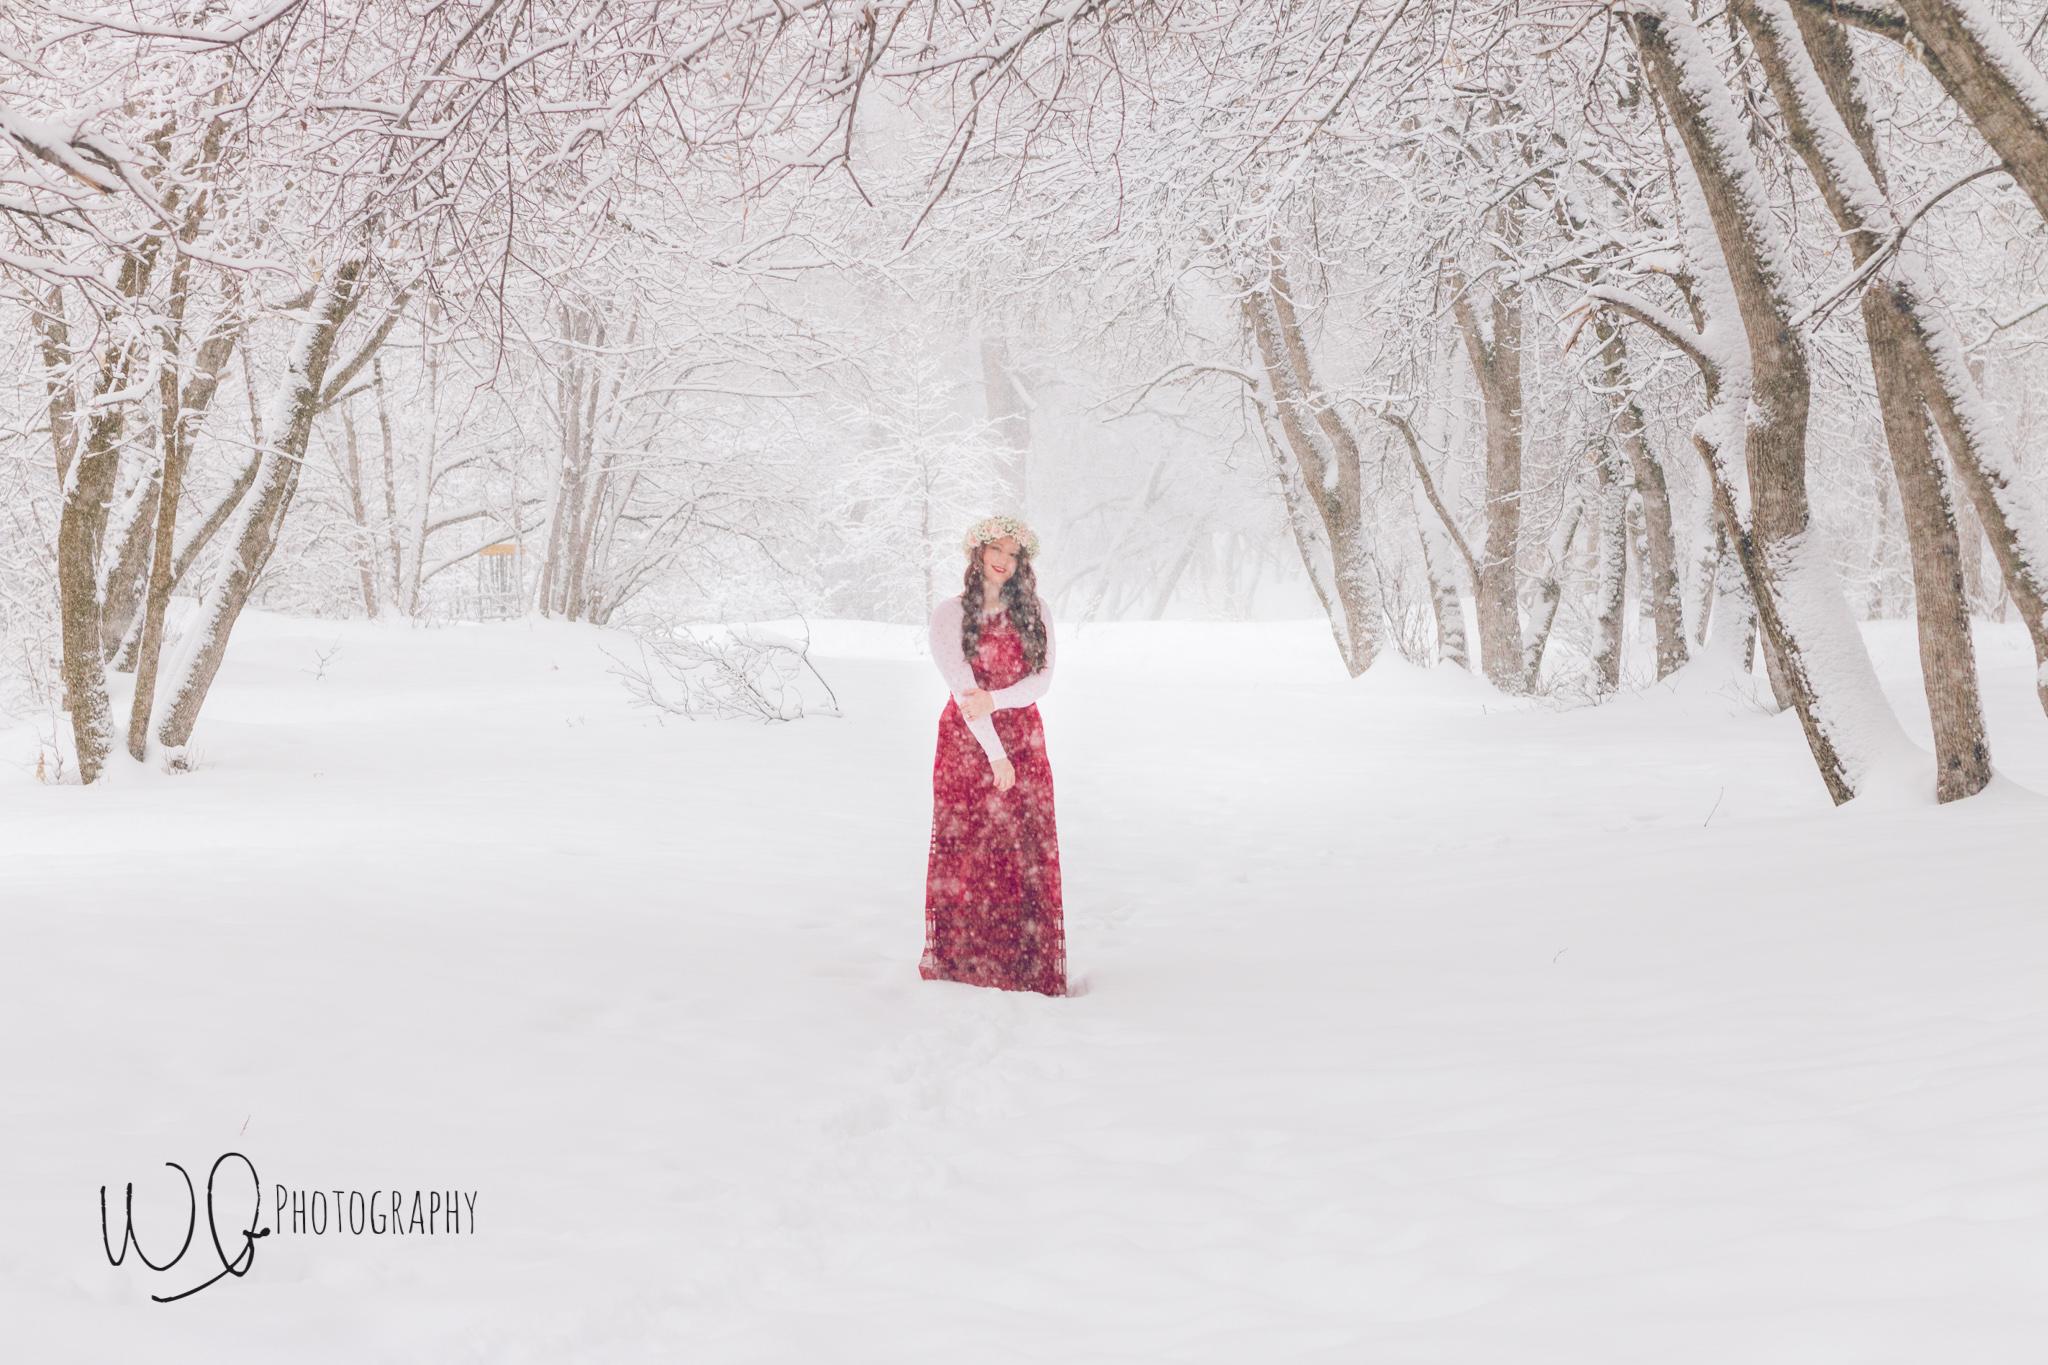 Senior photos, winter photo shoot